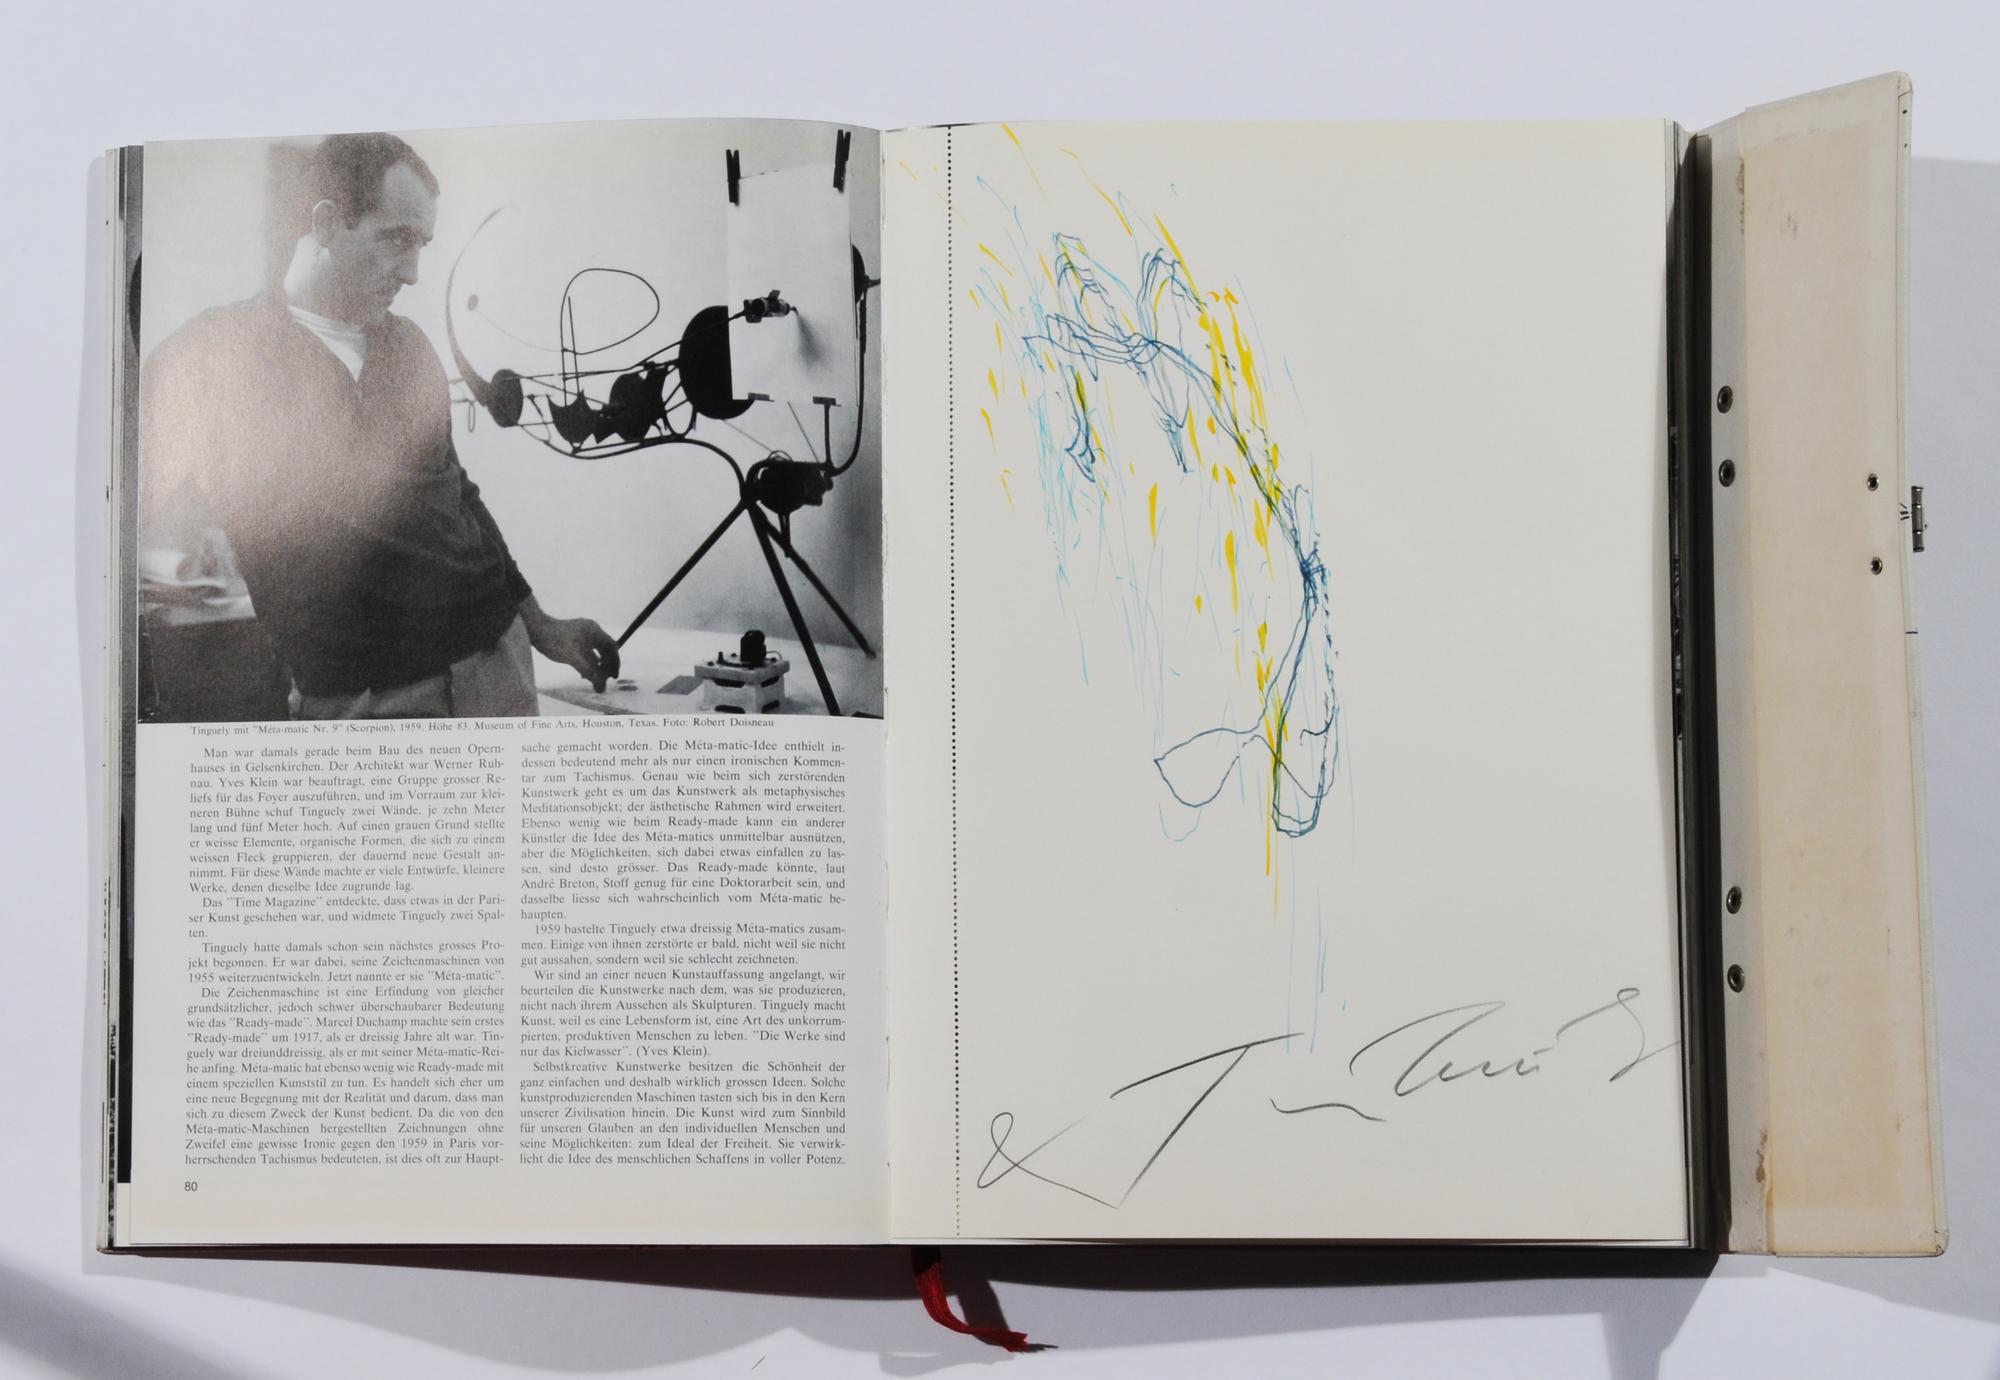 Tinguely Jean, Book. K.G. Pontus Hultén. Jean Tinguely, Méta